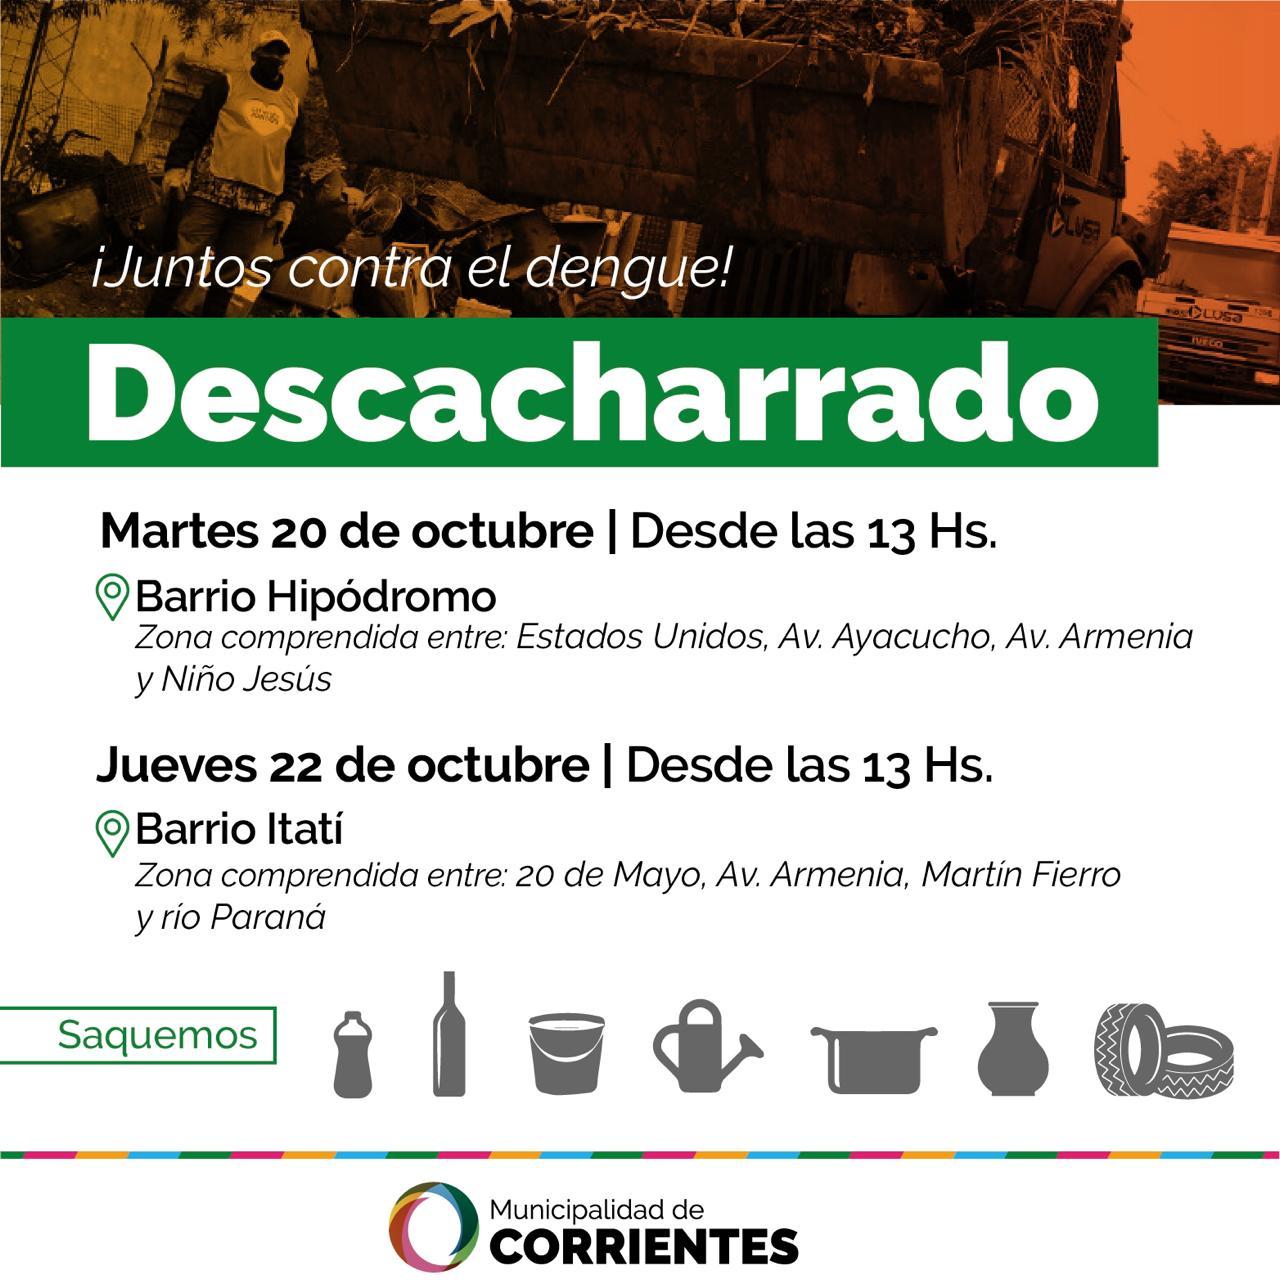 El operativo de descacharrado se realizará en los barrios Hipódromo e Itatí